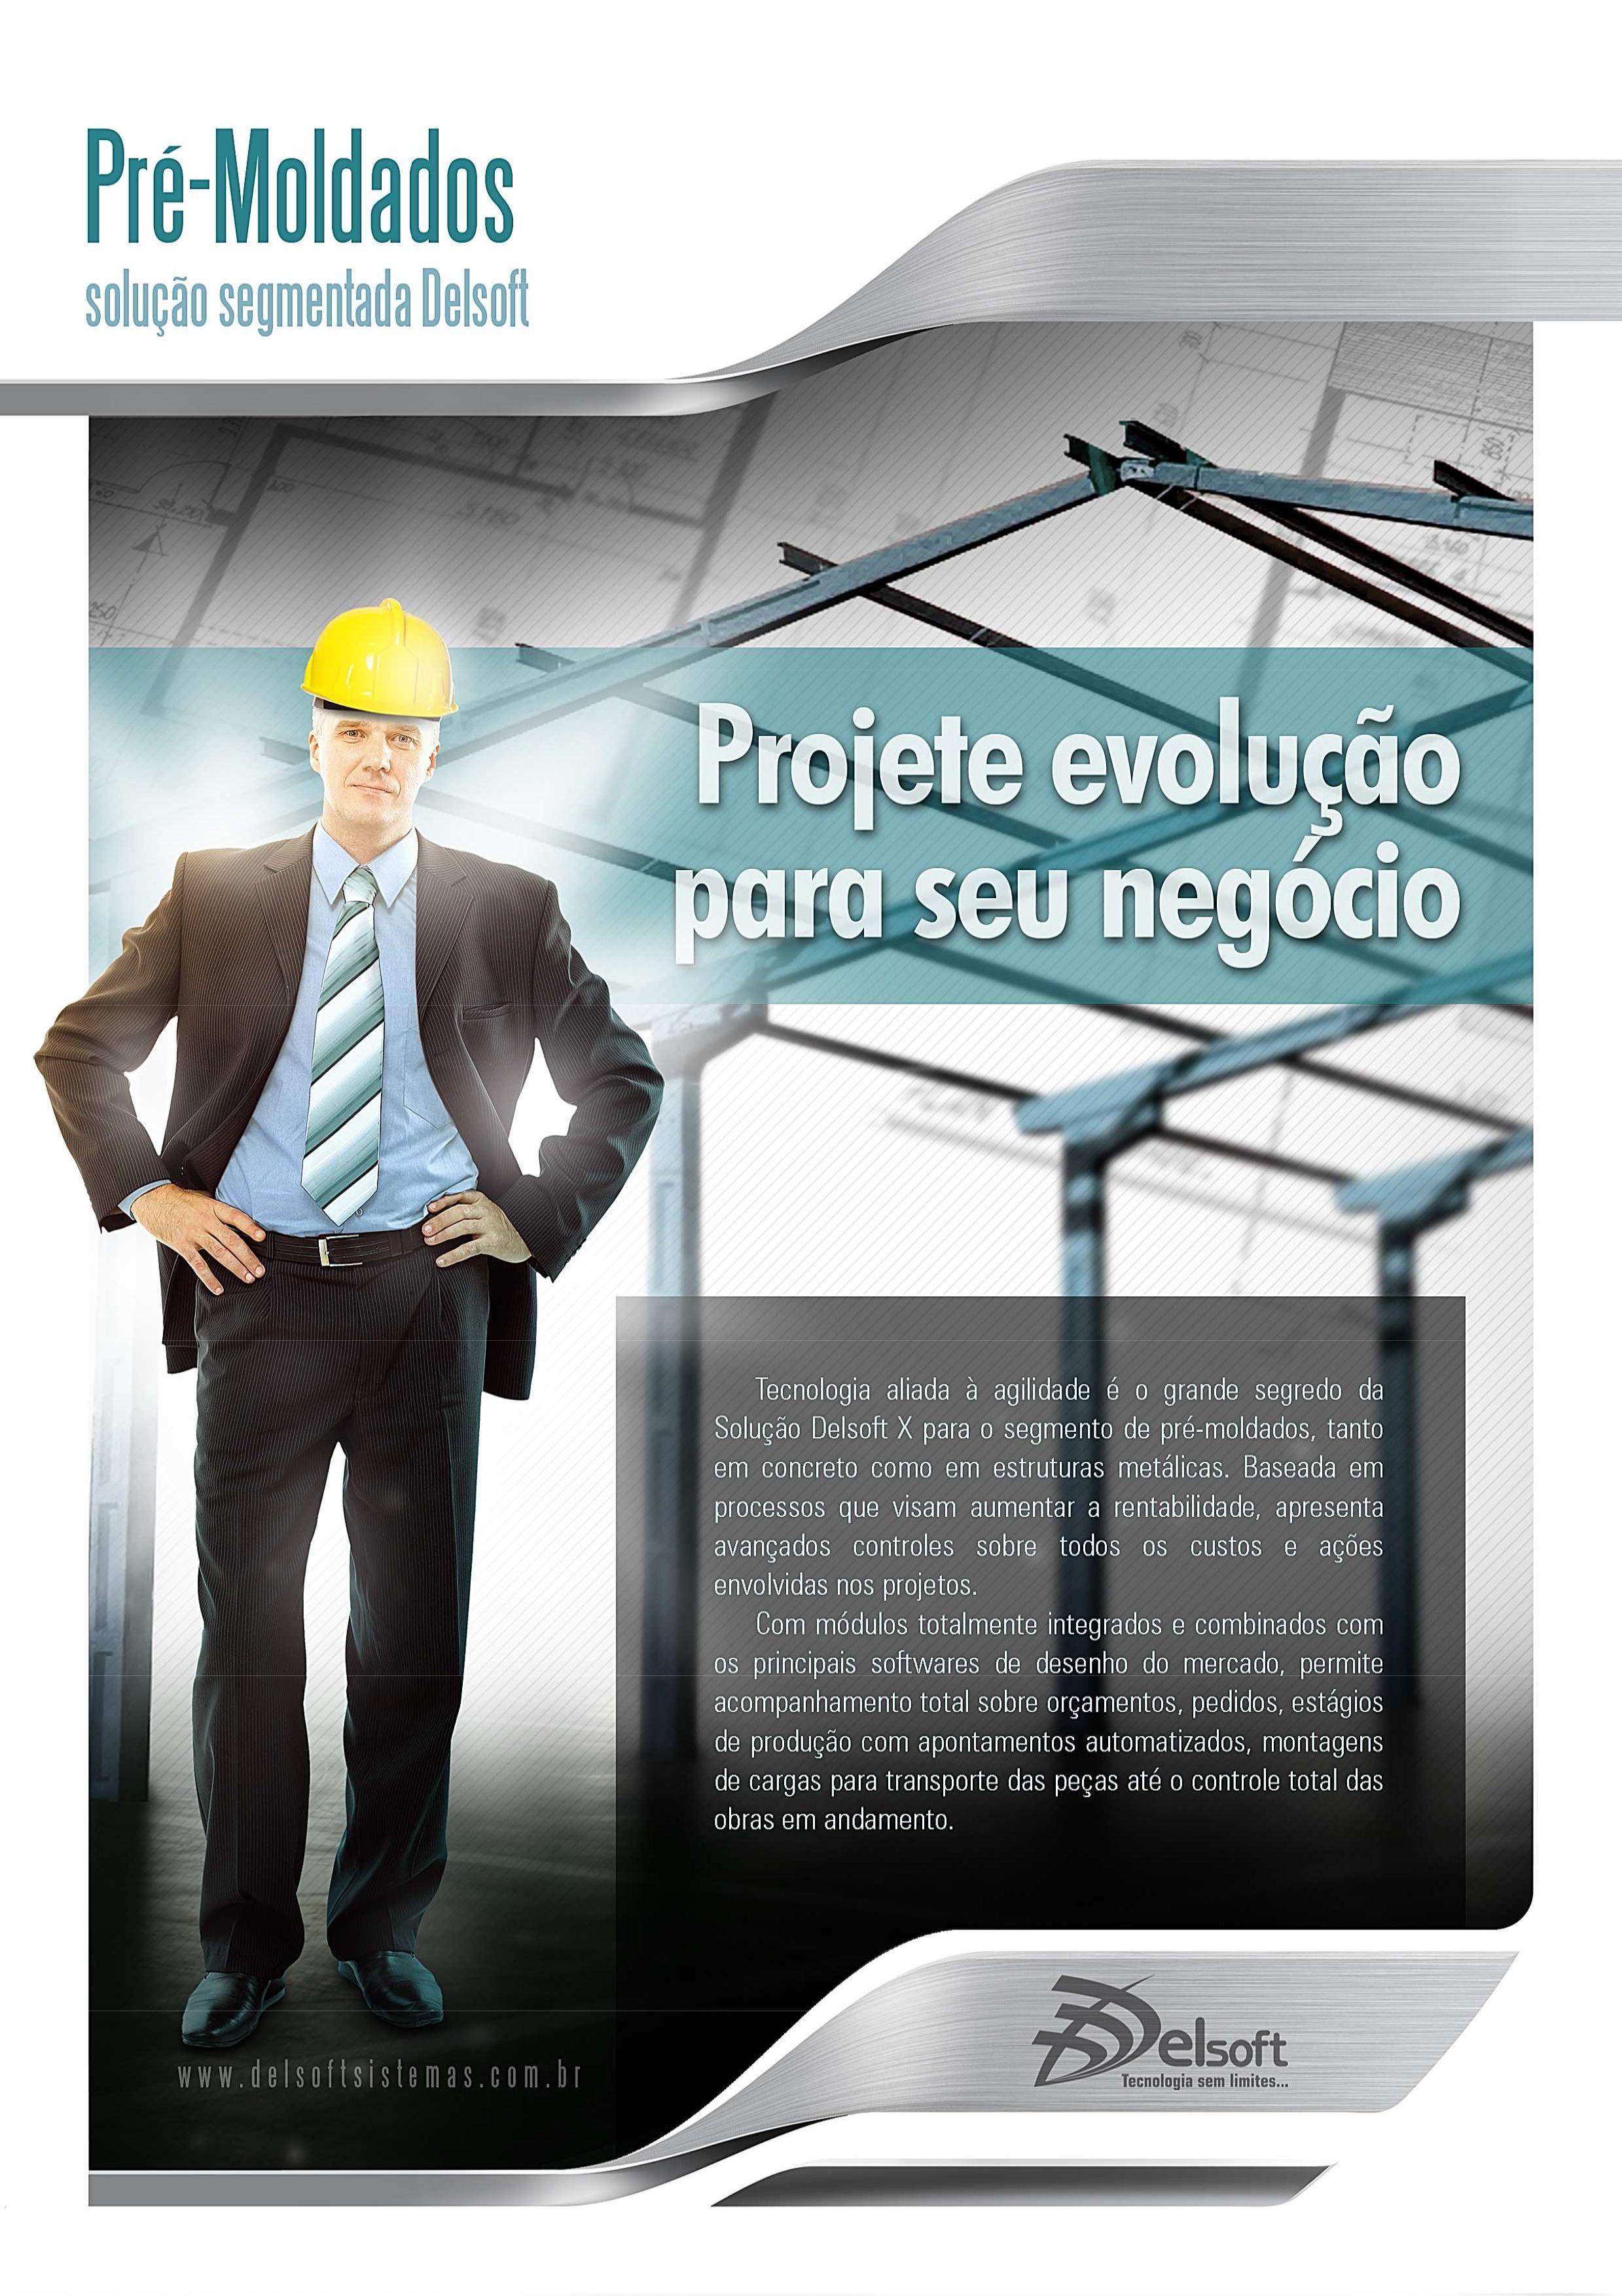 Delsoft X - Solução para o setor de Pré-Moldados